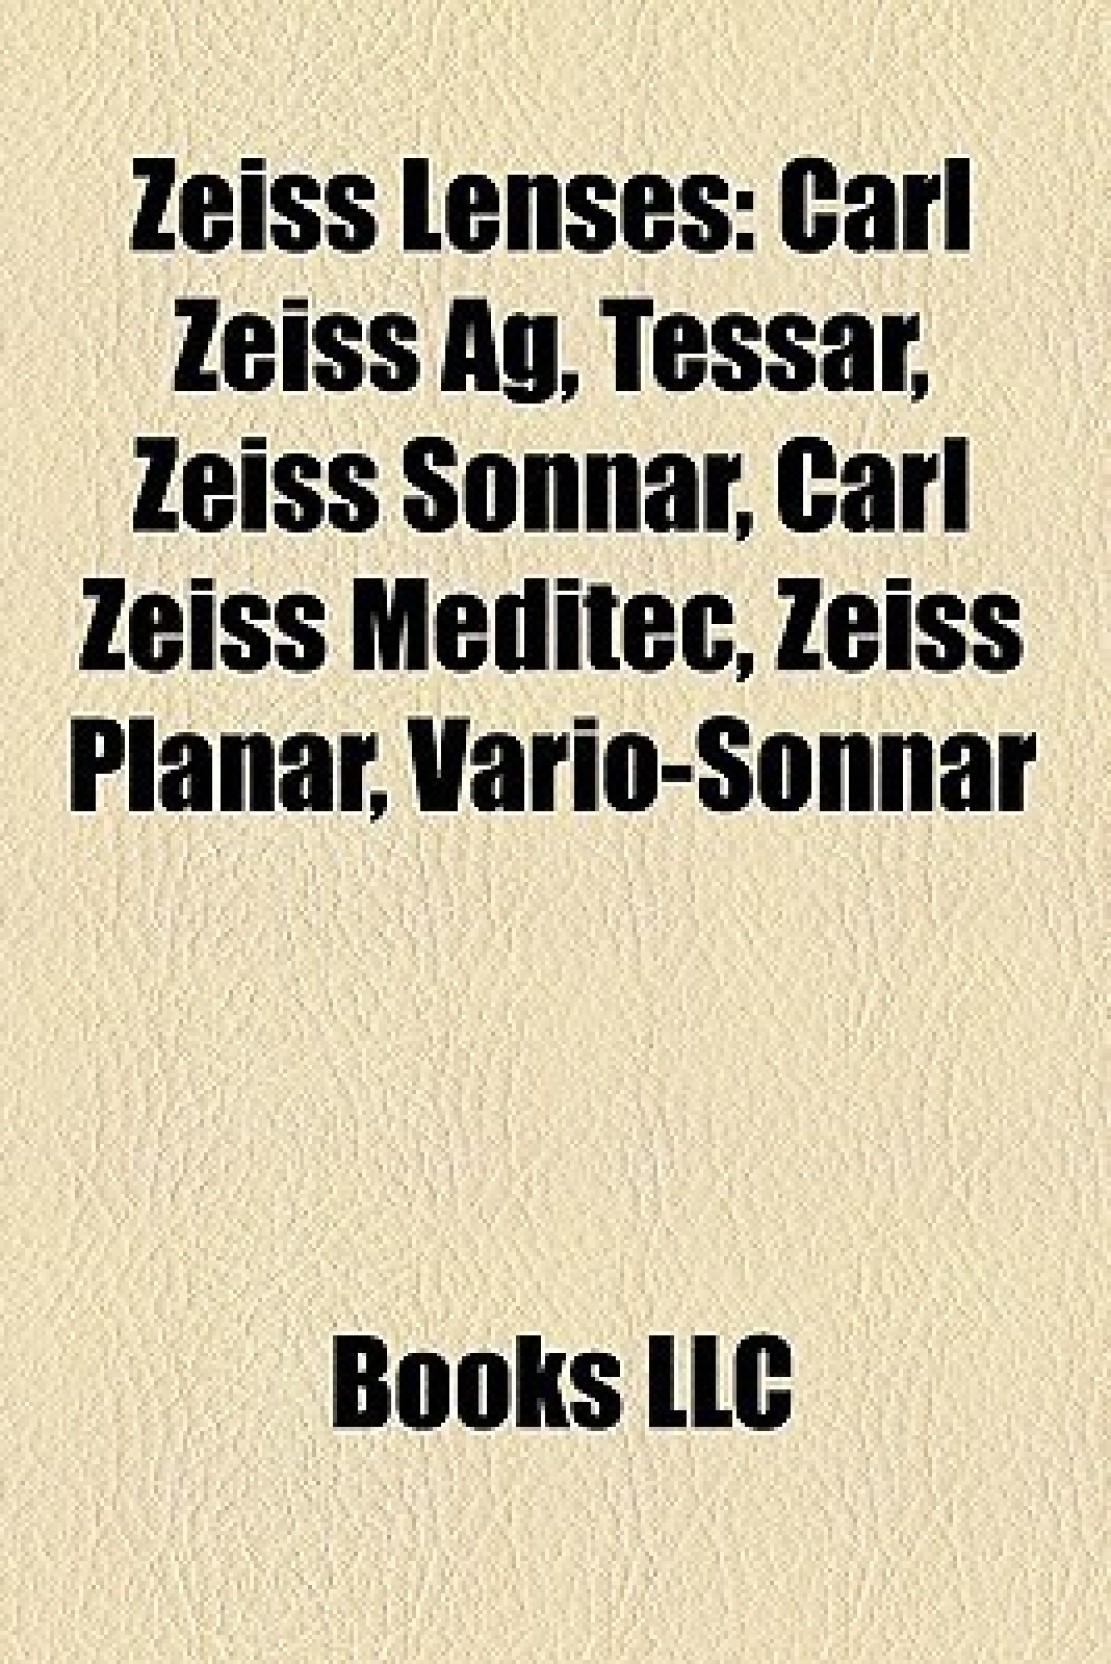 Zeiss Lenses: Carl Zeiss AG, Tessar, Zeiss Sonnar, Carl